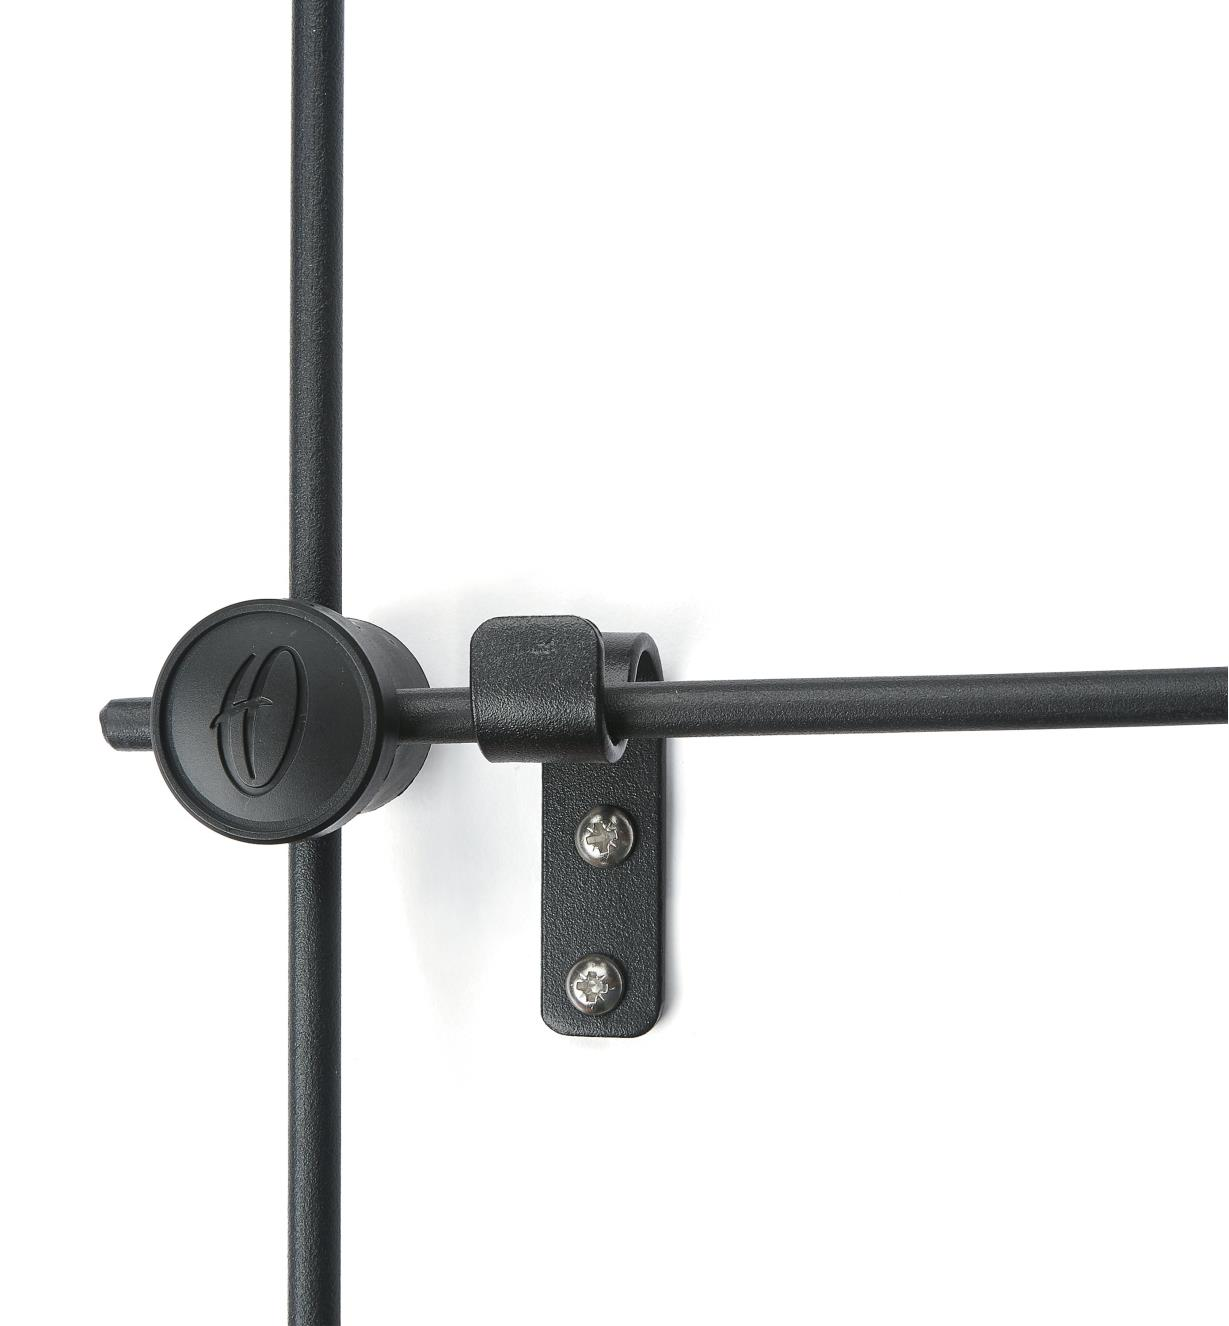 FG214 - Composants pour treillis mural en acier